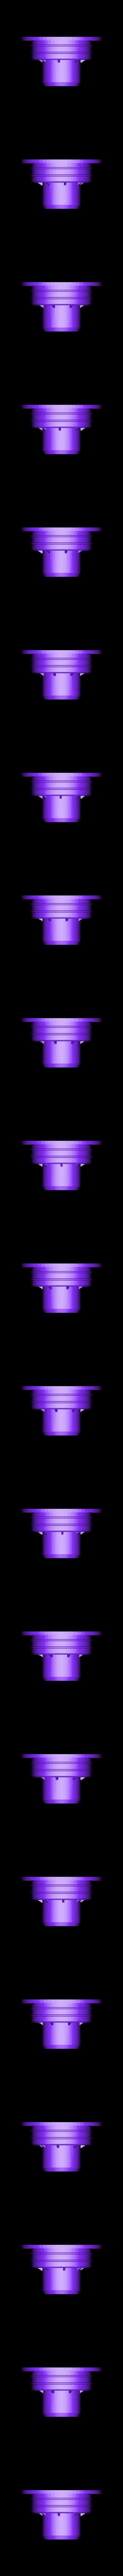 2.STL Télécharger fichier STL gratuit Bateau de bain avec distributeur de savon • Plan imprimable en 3D, jaazasja